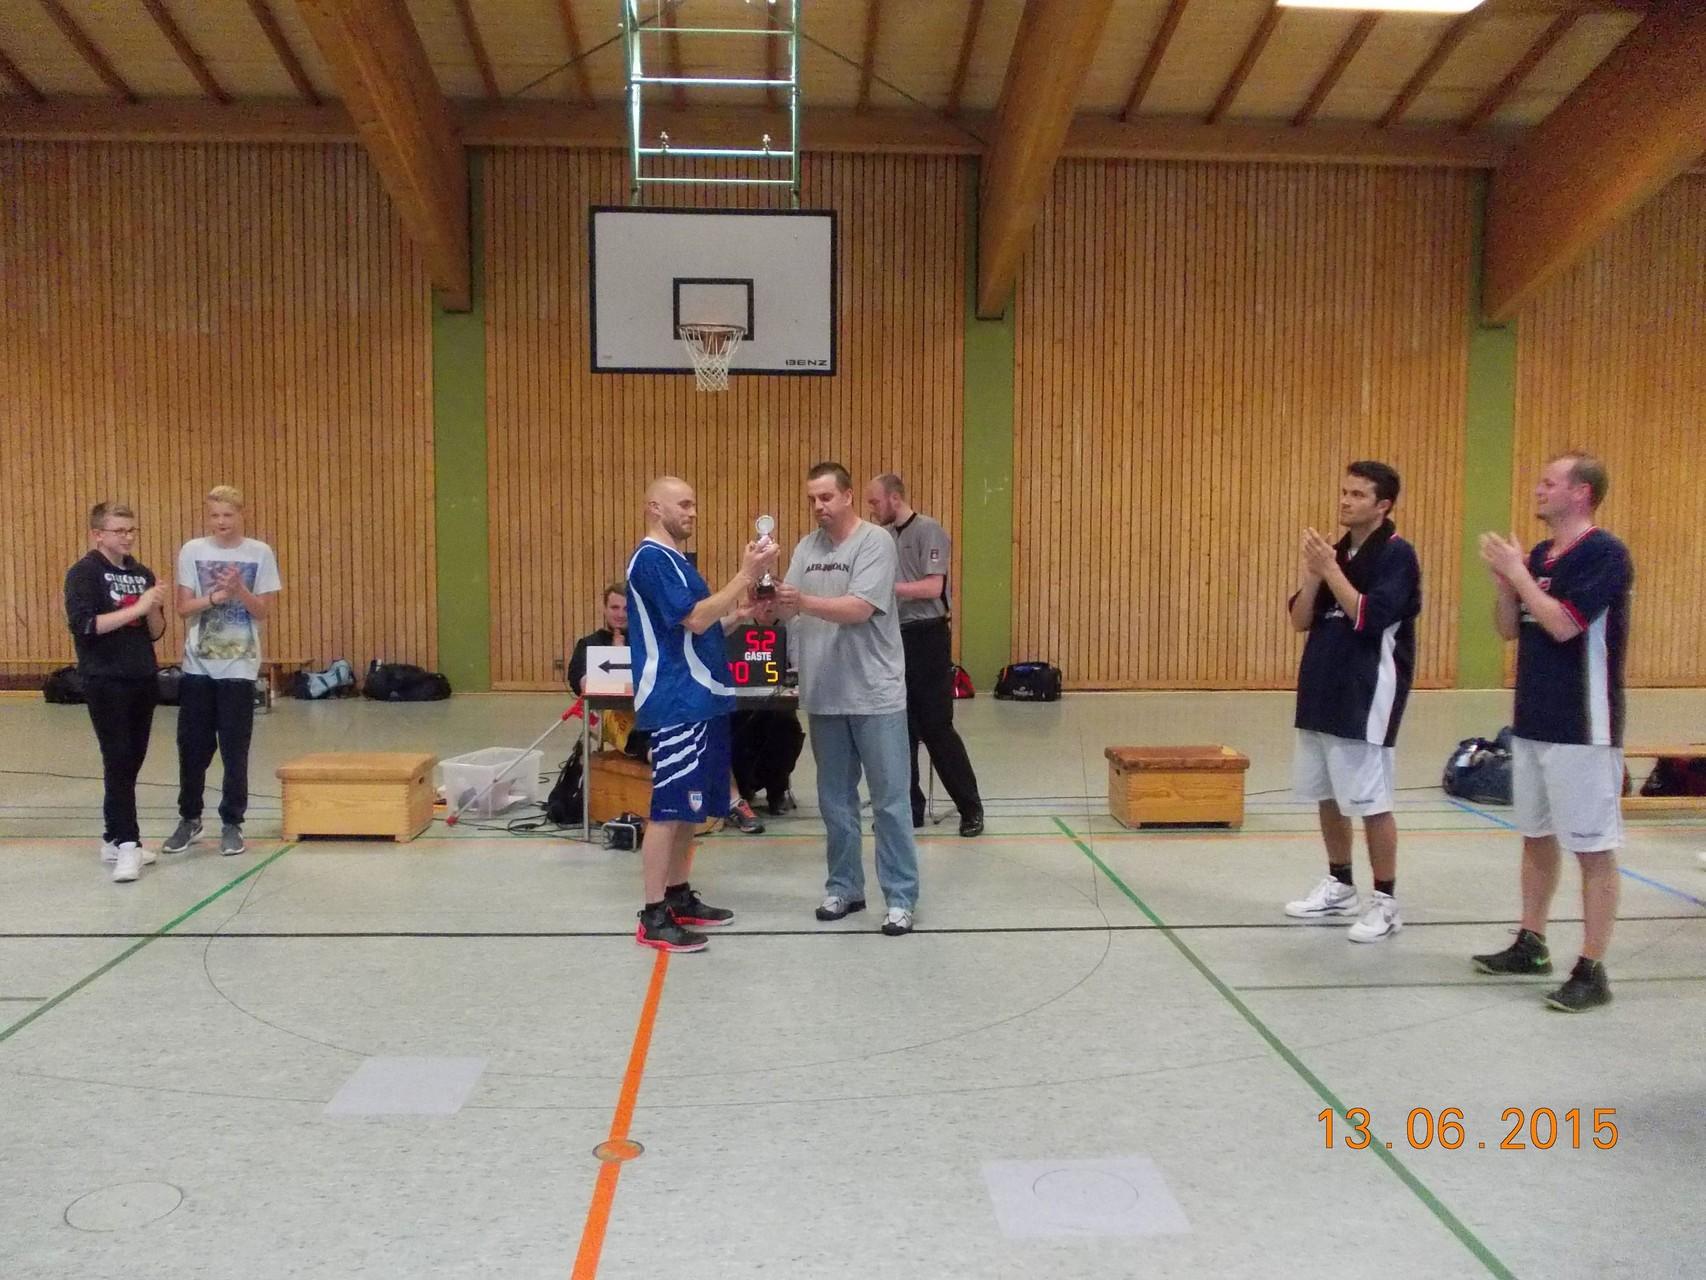 Der Pokalsieger: BSG (SFL/OSC) Bremerhaven